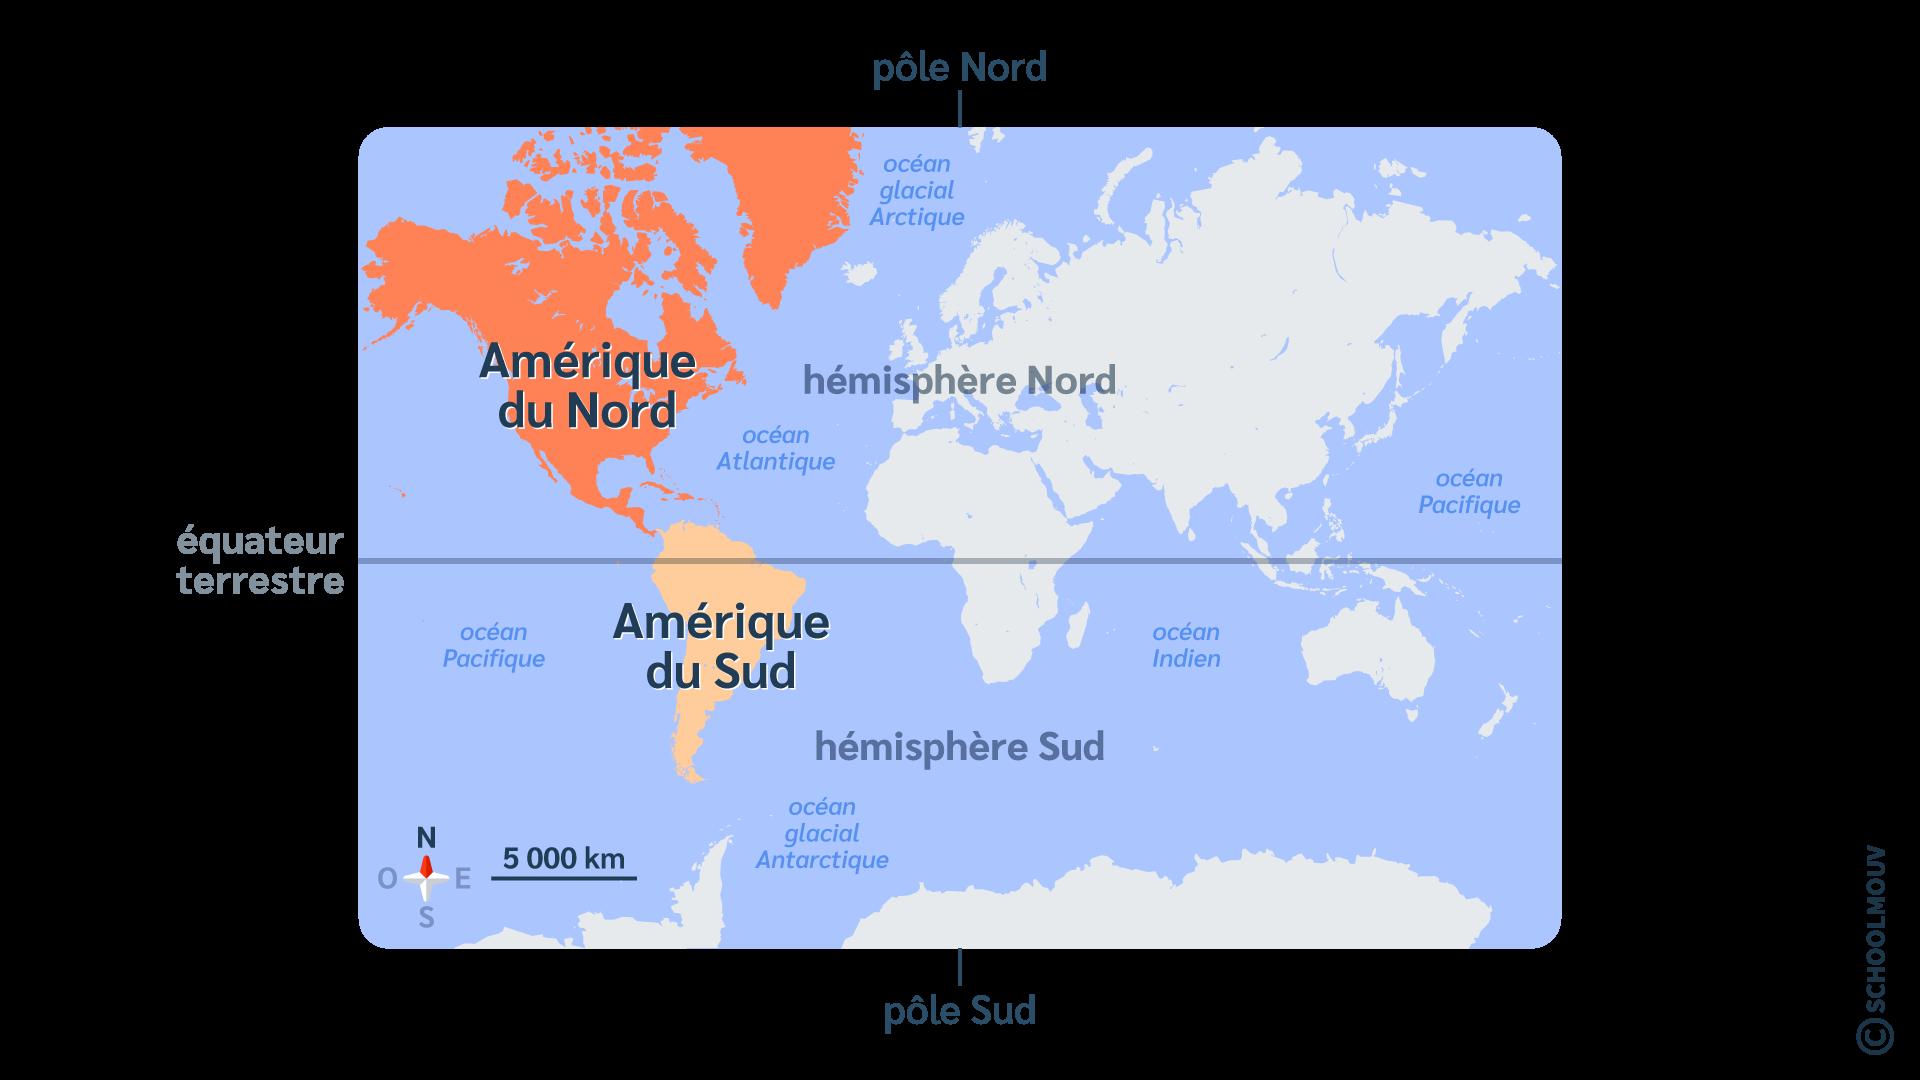 primaire questionner le monde géographie ce2 décrire la Terre Amérique du Nord et Amérique du Sud